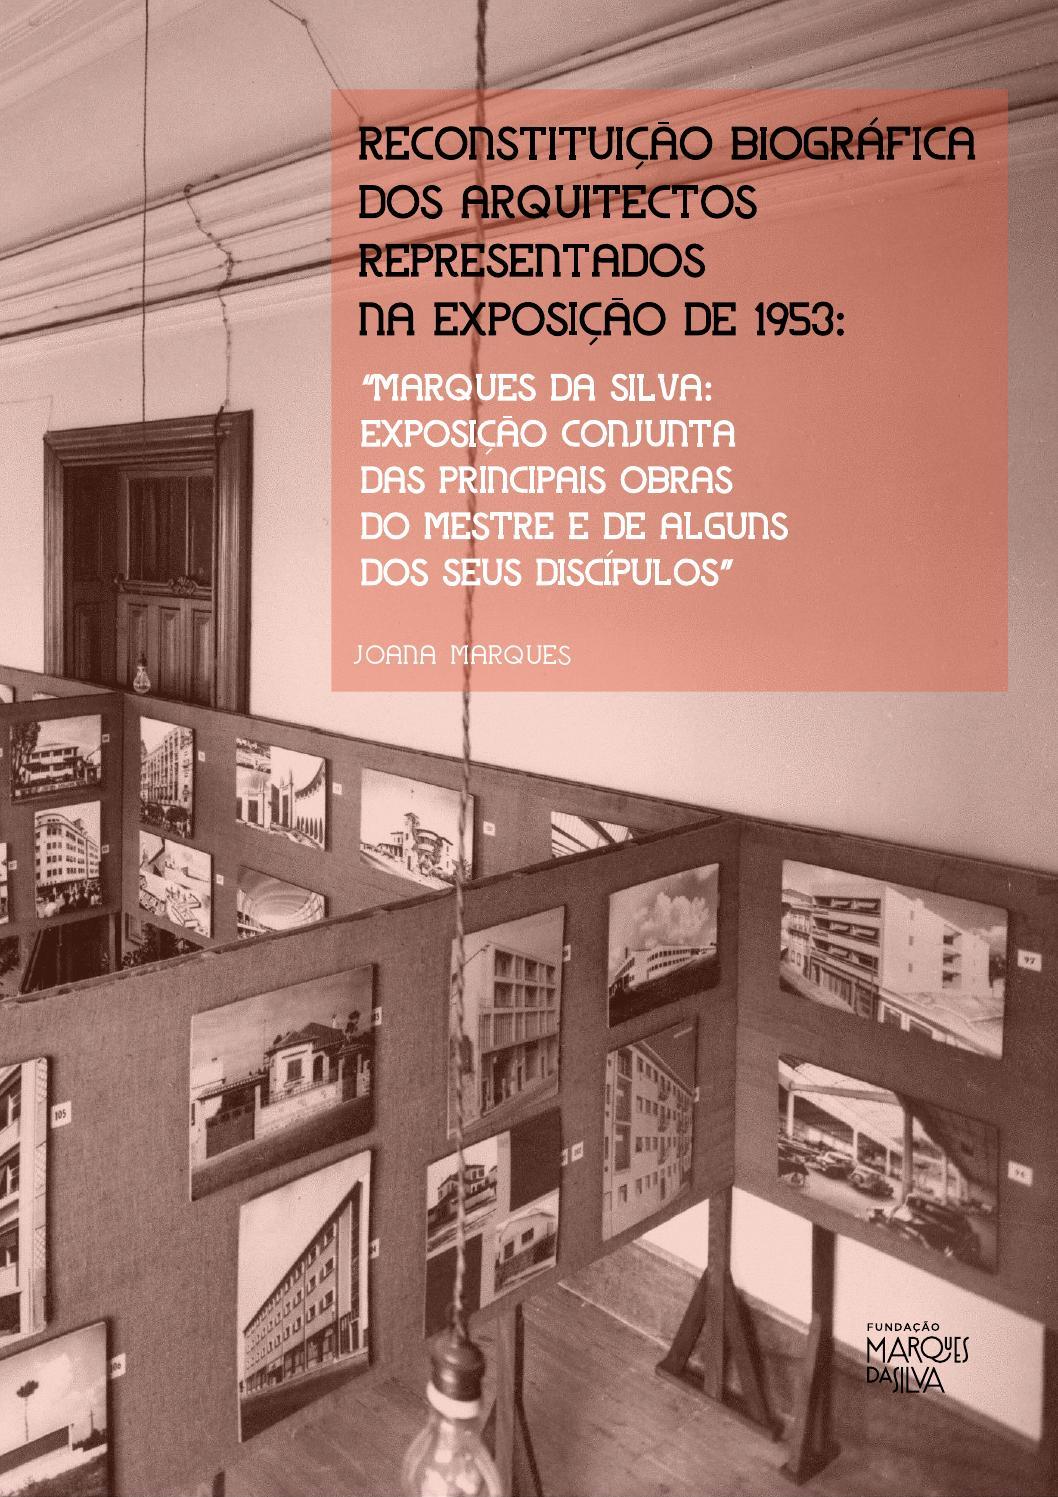 Reconstitui o biogr fica dos arquitectos representados na exposi o de 1953 marques da silva - Abreviatura de arquitecto ...